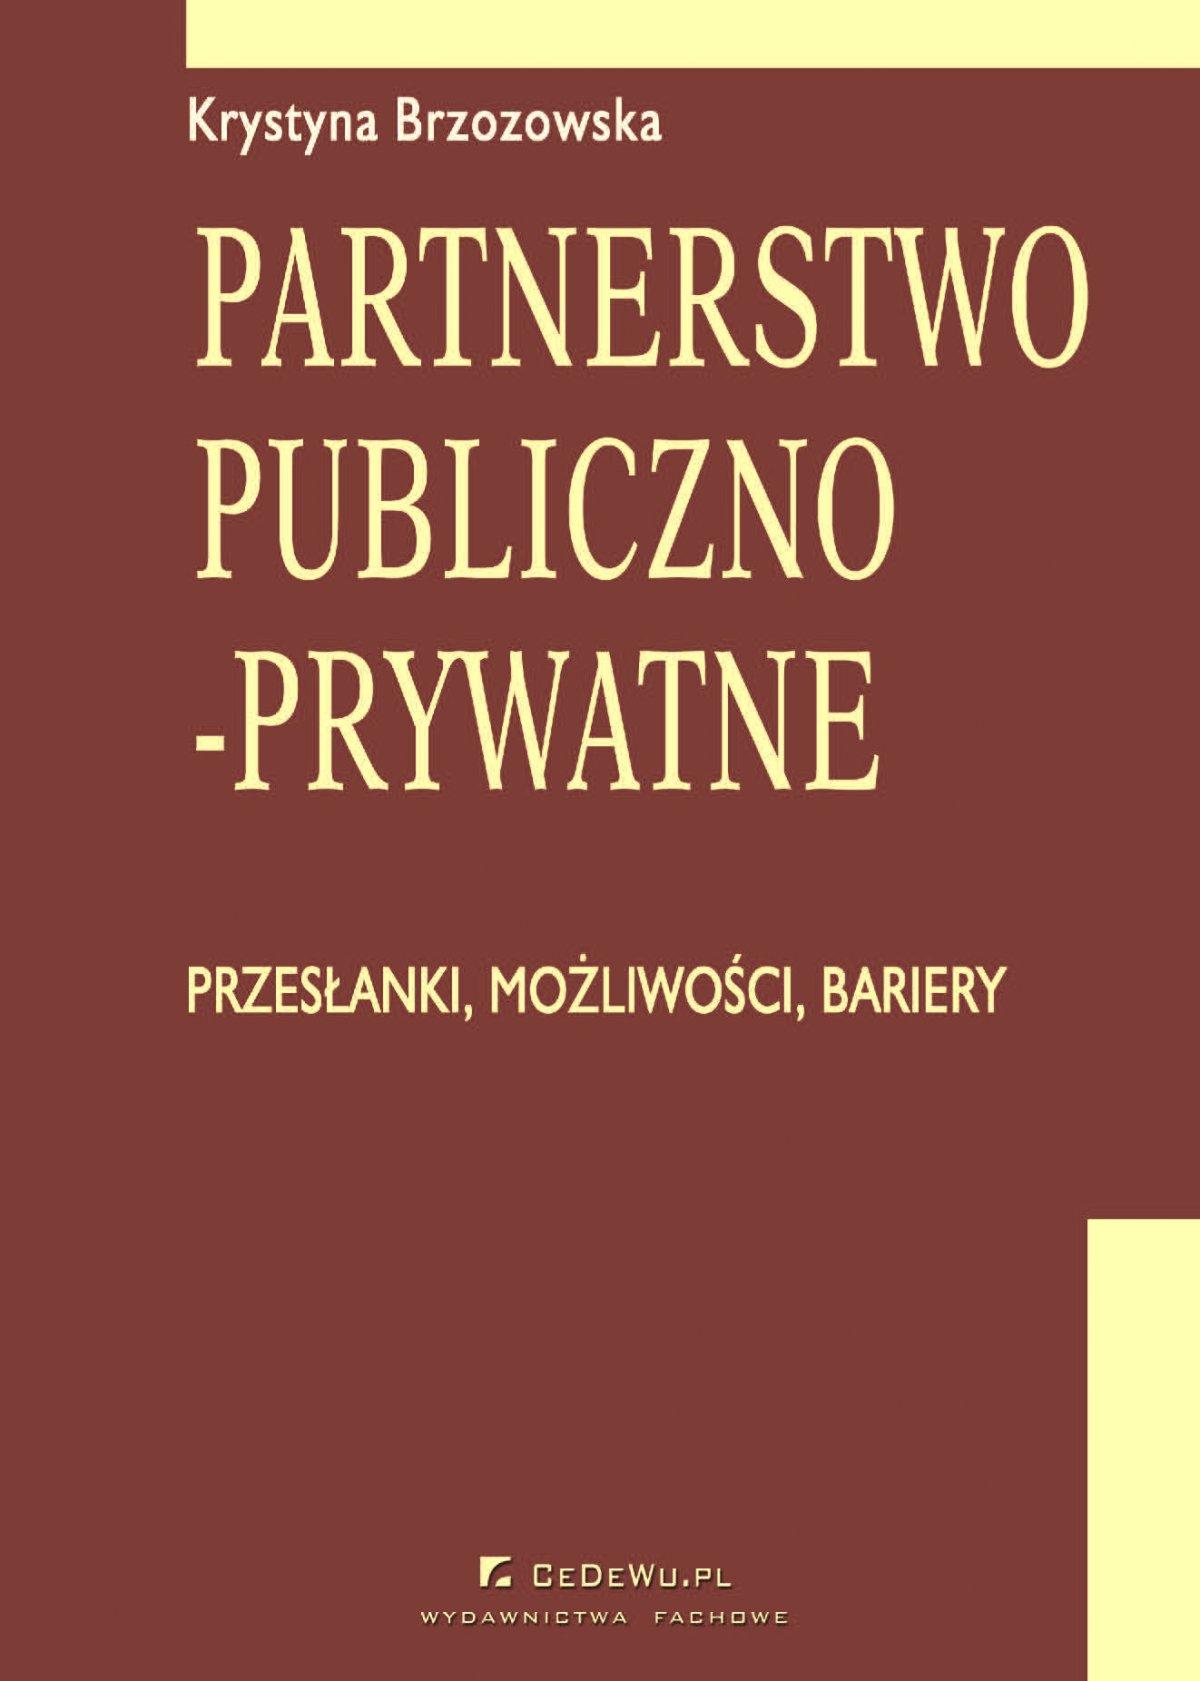 Partnerstwo publiczno-prywatne. Przesłanki, możliwości, bariery. Rozdział 2. Partnerstwo publiczno-prywatne - Ebook (Książka PDF) do pobrania w formacie PDF